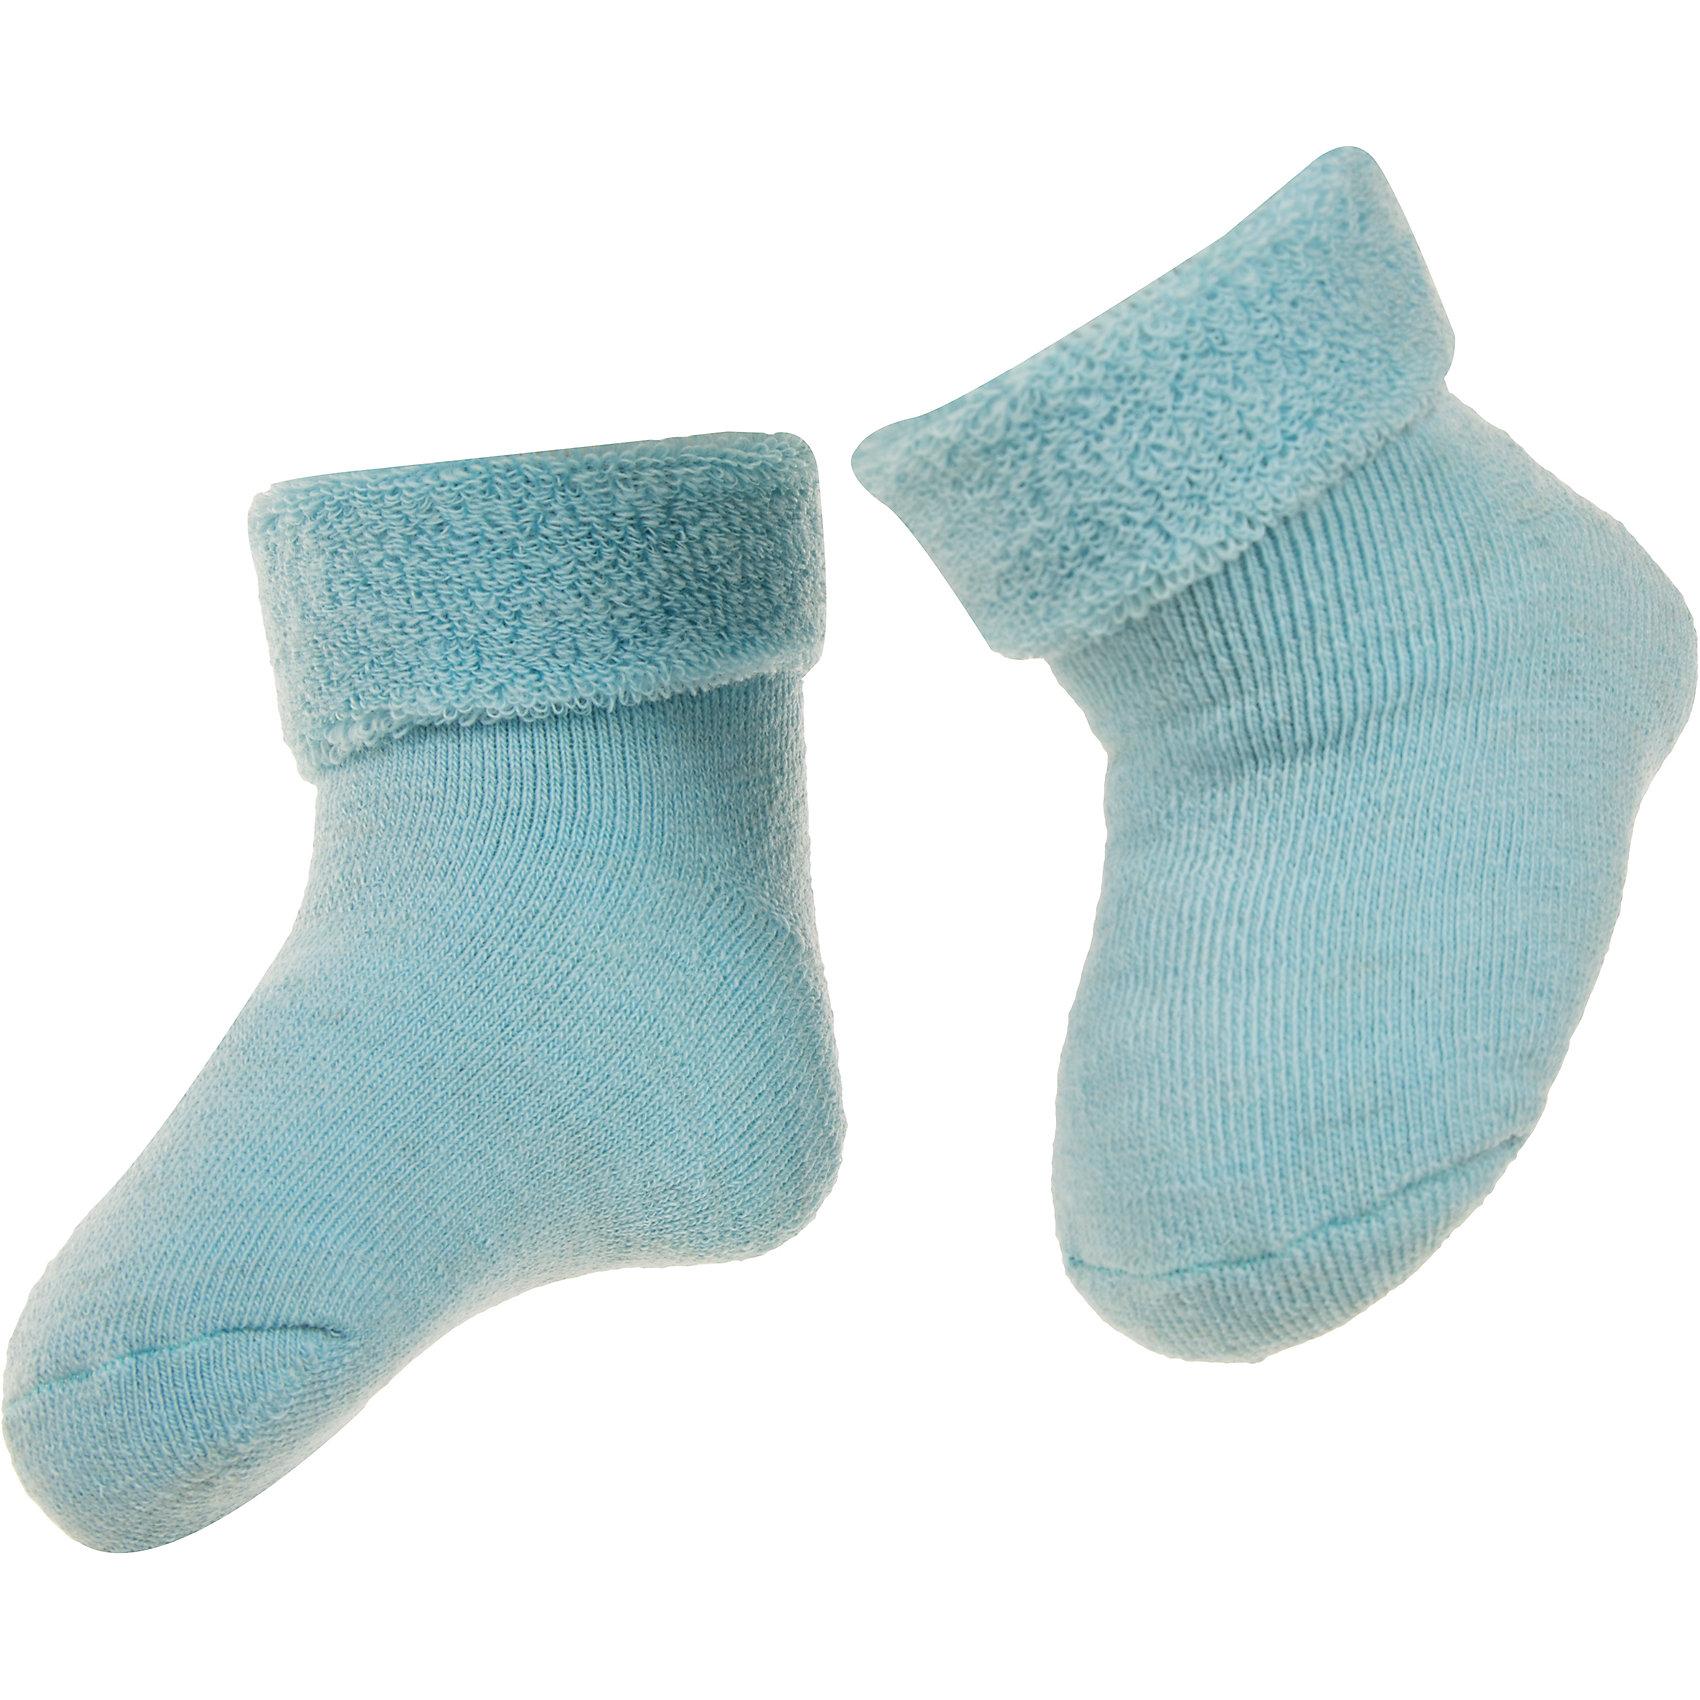 Носки: 2 пары  для мальчика JanusНоски: 2 пары  для мальчика известной марки Janus.<br><br>В теплых и мягких махровых носочках Janus из шерсти мериноса вашему малышу не страшны ни осенняя сырость, ни зимние морозы. Целебная мериносовая шерсть, обладающая уникальными термоизолирующими, гипоаллергенными и абсорбирующими свойствами, прекрасно впитает влагу и согреет ножки вашего малыша, оставляя их теплыми и сухими в любую погоду. <br><br>Тонкий и плотный шерстяной трикотаж надежно защитит кожу от раздражений, опрелостей, а также окажет положительное влияние на развитие опорно-двигательного аппарата ребенка. <br><br>В мягких эластичных носочках Janus очень удобно ходить и ползать, они отлично «садятся» в любую обувь и надежно защищают от неприятных запахов. В комплект входят две пары для малышей от 9 мес  и старше.<br>Уникальные волокна мериносовой шерсти обладают прекрасными абсорбирующими свойствами, оставляя сухой нежную детскую кожу и устраняя неприятные запахи, что предотвращает возникновение опрелостей и аллергических высыпаний. А мелкие махровые петельки значительно усиливают этот эффект. Надевать махровые носки Janus рекомендуется на голые ножки, в них ребенок будет отлично себя чувствовать как на прогулке, так и дома.<br><br>Большой выбор размеров позволяет приобрести носки Janus и для новорожденных и деток старшего возраста. Позаботьтесь о том, чтобы белье малыша было не только удобным, но и полезным.<br><br>Состав: 60% шерсть, 38% полиамид, 2% эластан<br><br>Ширина мм: 87<br>Глубина мм: 10<br>Высота мм: 105<br>Вес г: 115<br>Цвет: синий<br>Возраст от месяцев: 3<br>Возраст до месяцев: 10<br>Пол: Мужской<br>Возраст: Детский<br>Размер: 16-18,16-18,20-24,20-24<br>SKU: 4913740